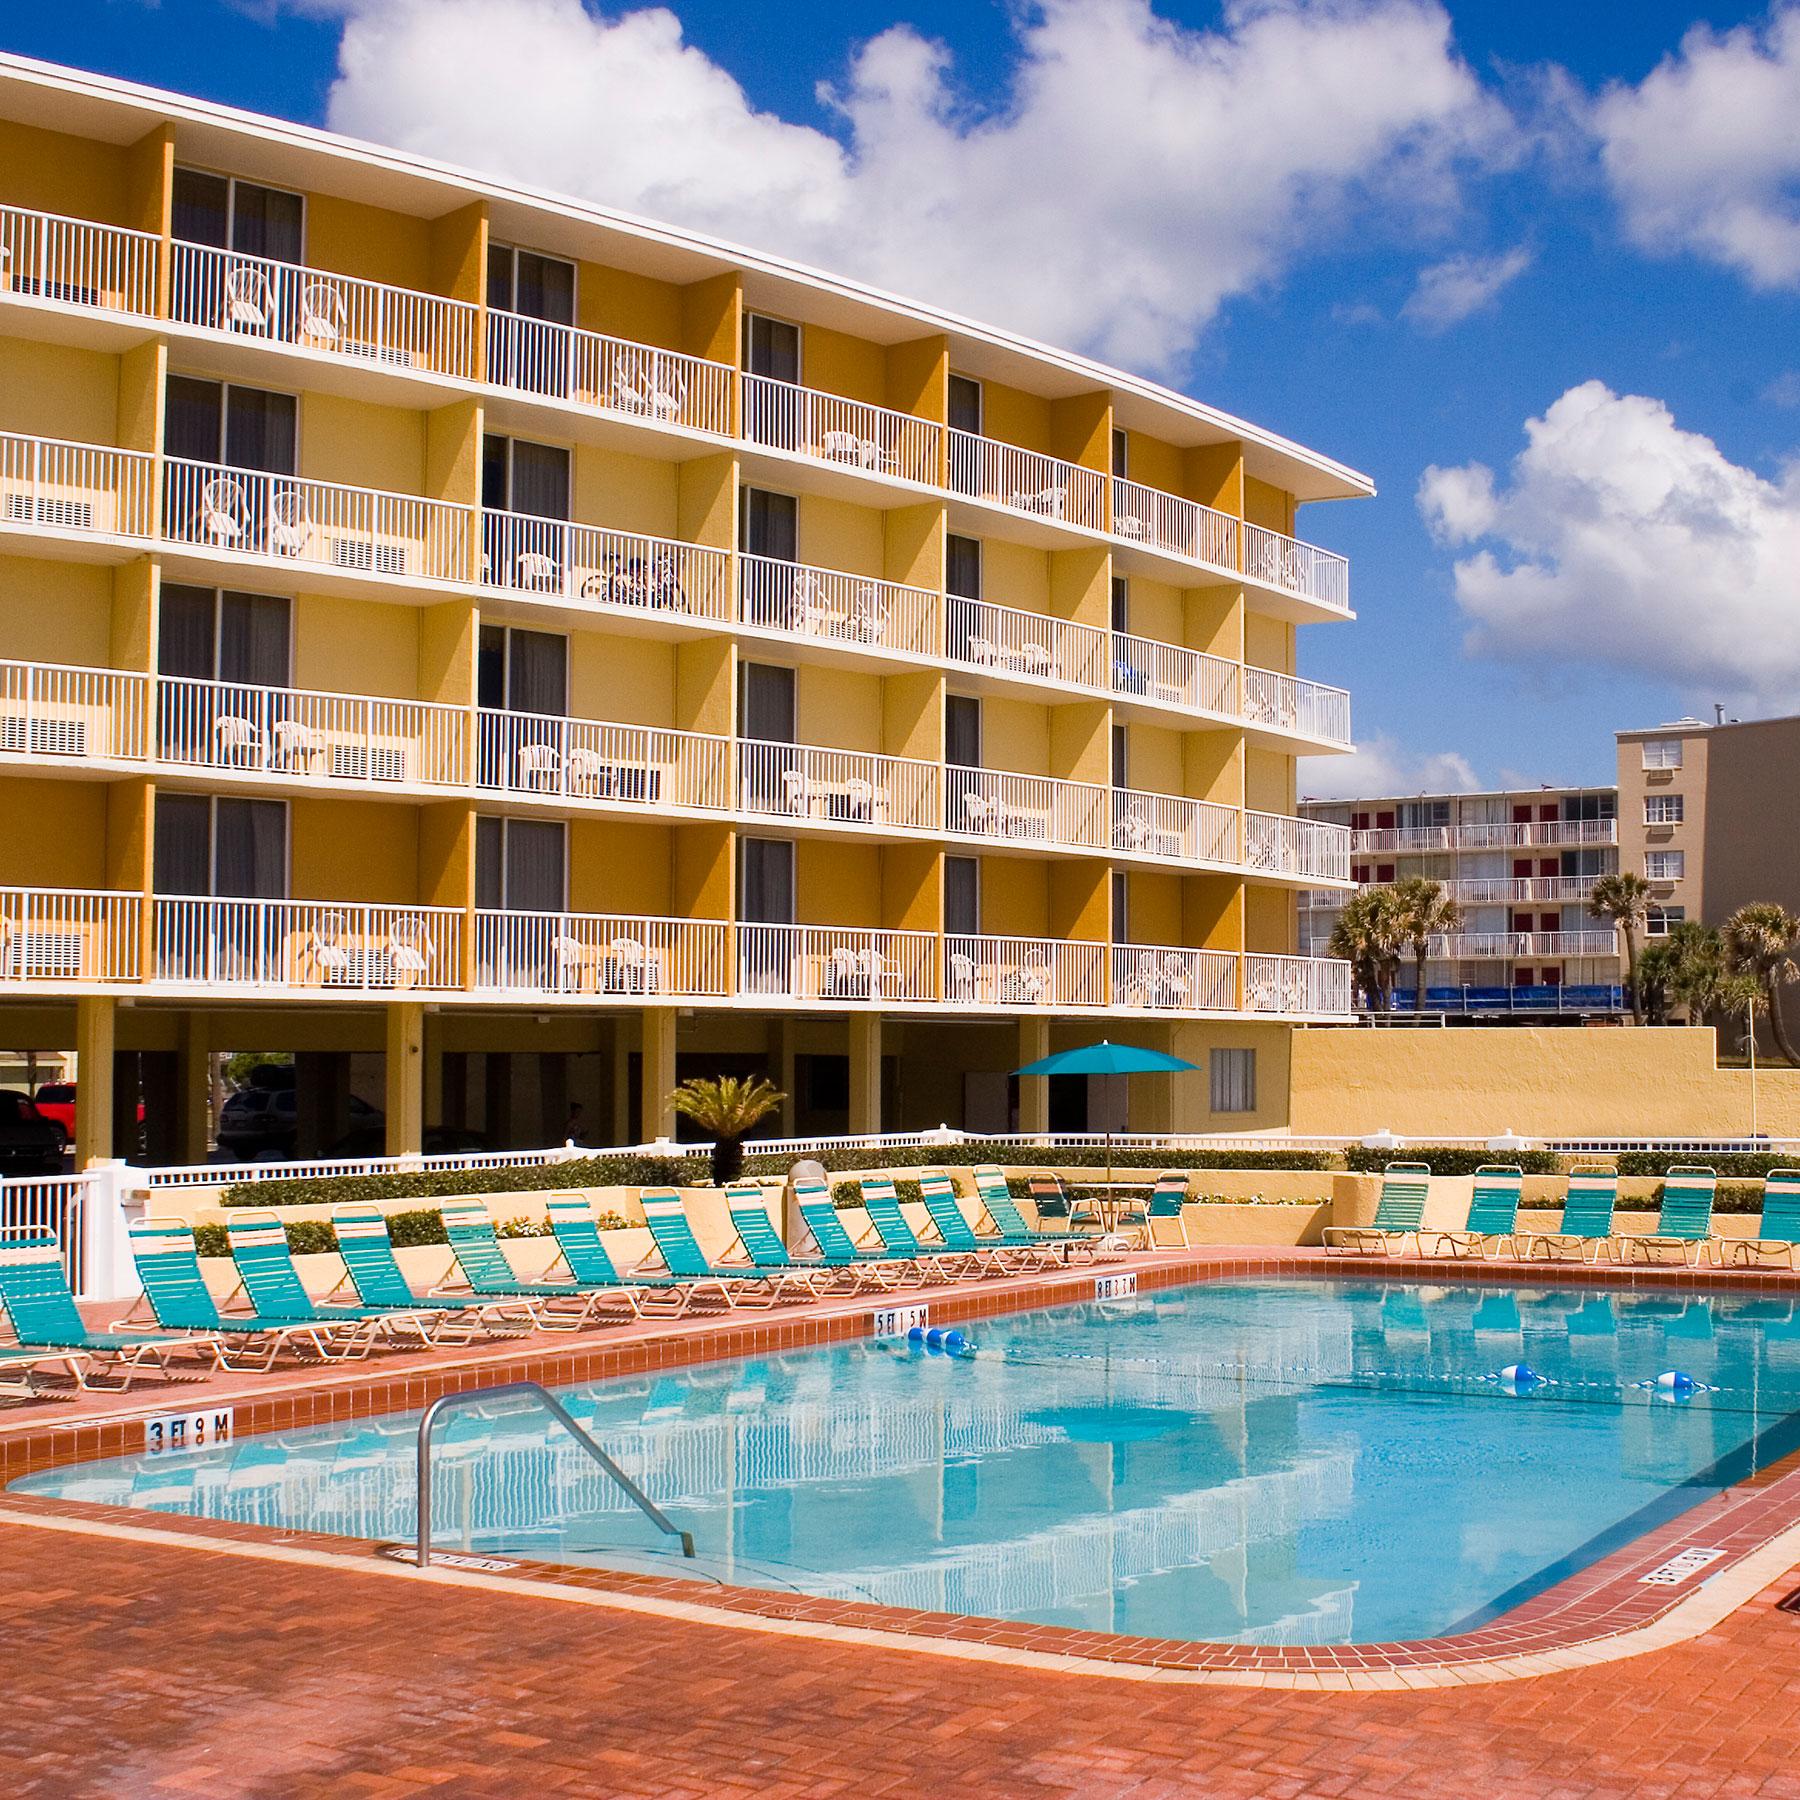 aaa travel guides hotels daytona beach fl - Hilton Garden Inn Daytona Beach Oceanfront